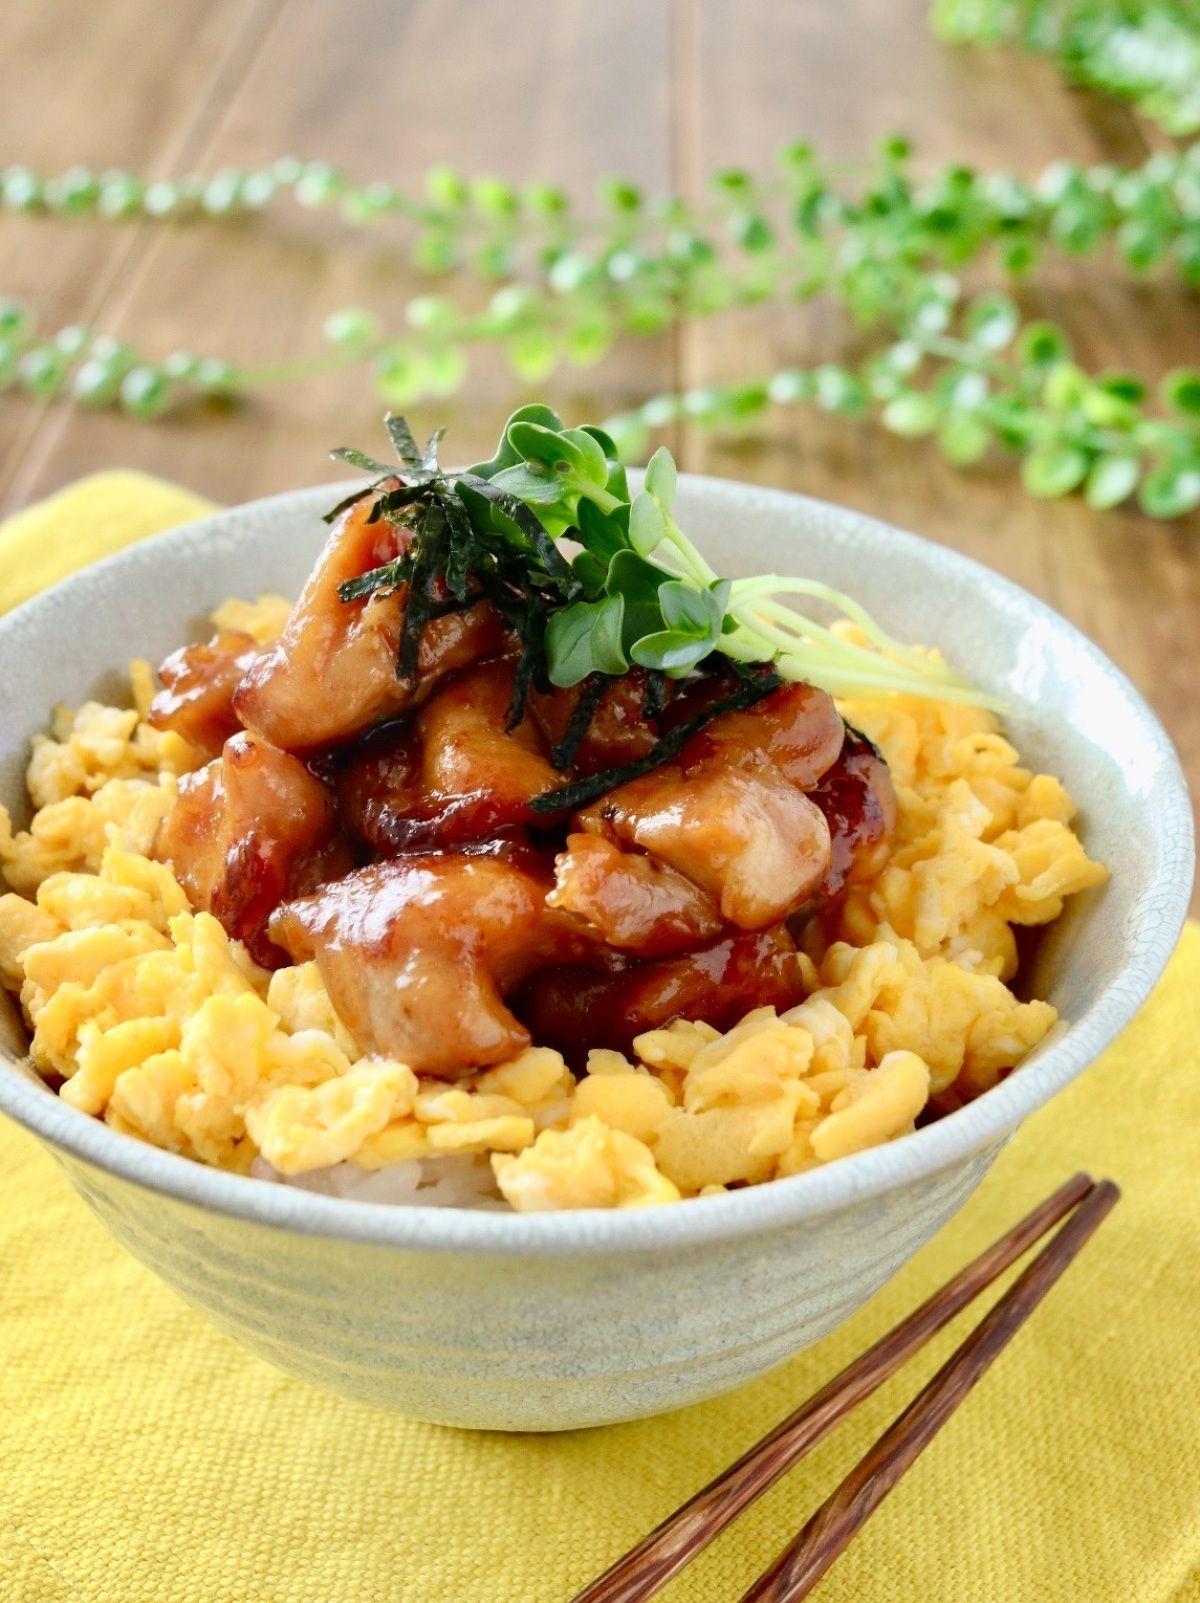 鶏照り焼き丼 焼き鳥丼 レシピ レシピ 鶏肉 丼 レシピ 丼